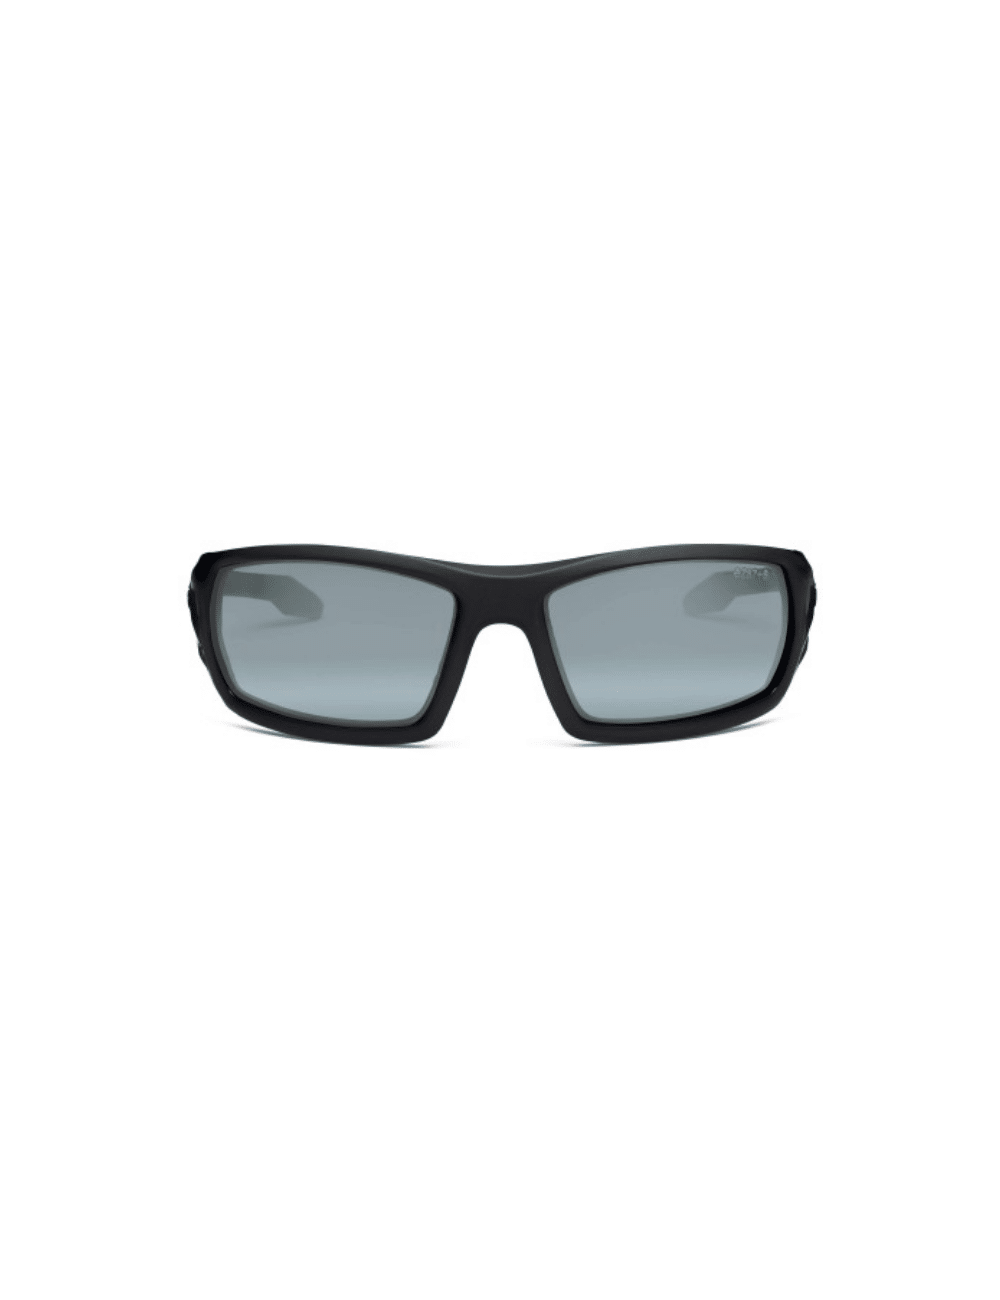 Ergodyne okulary ochronne Skullerz Odin